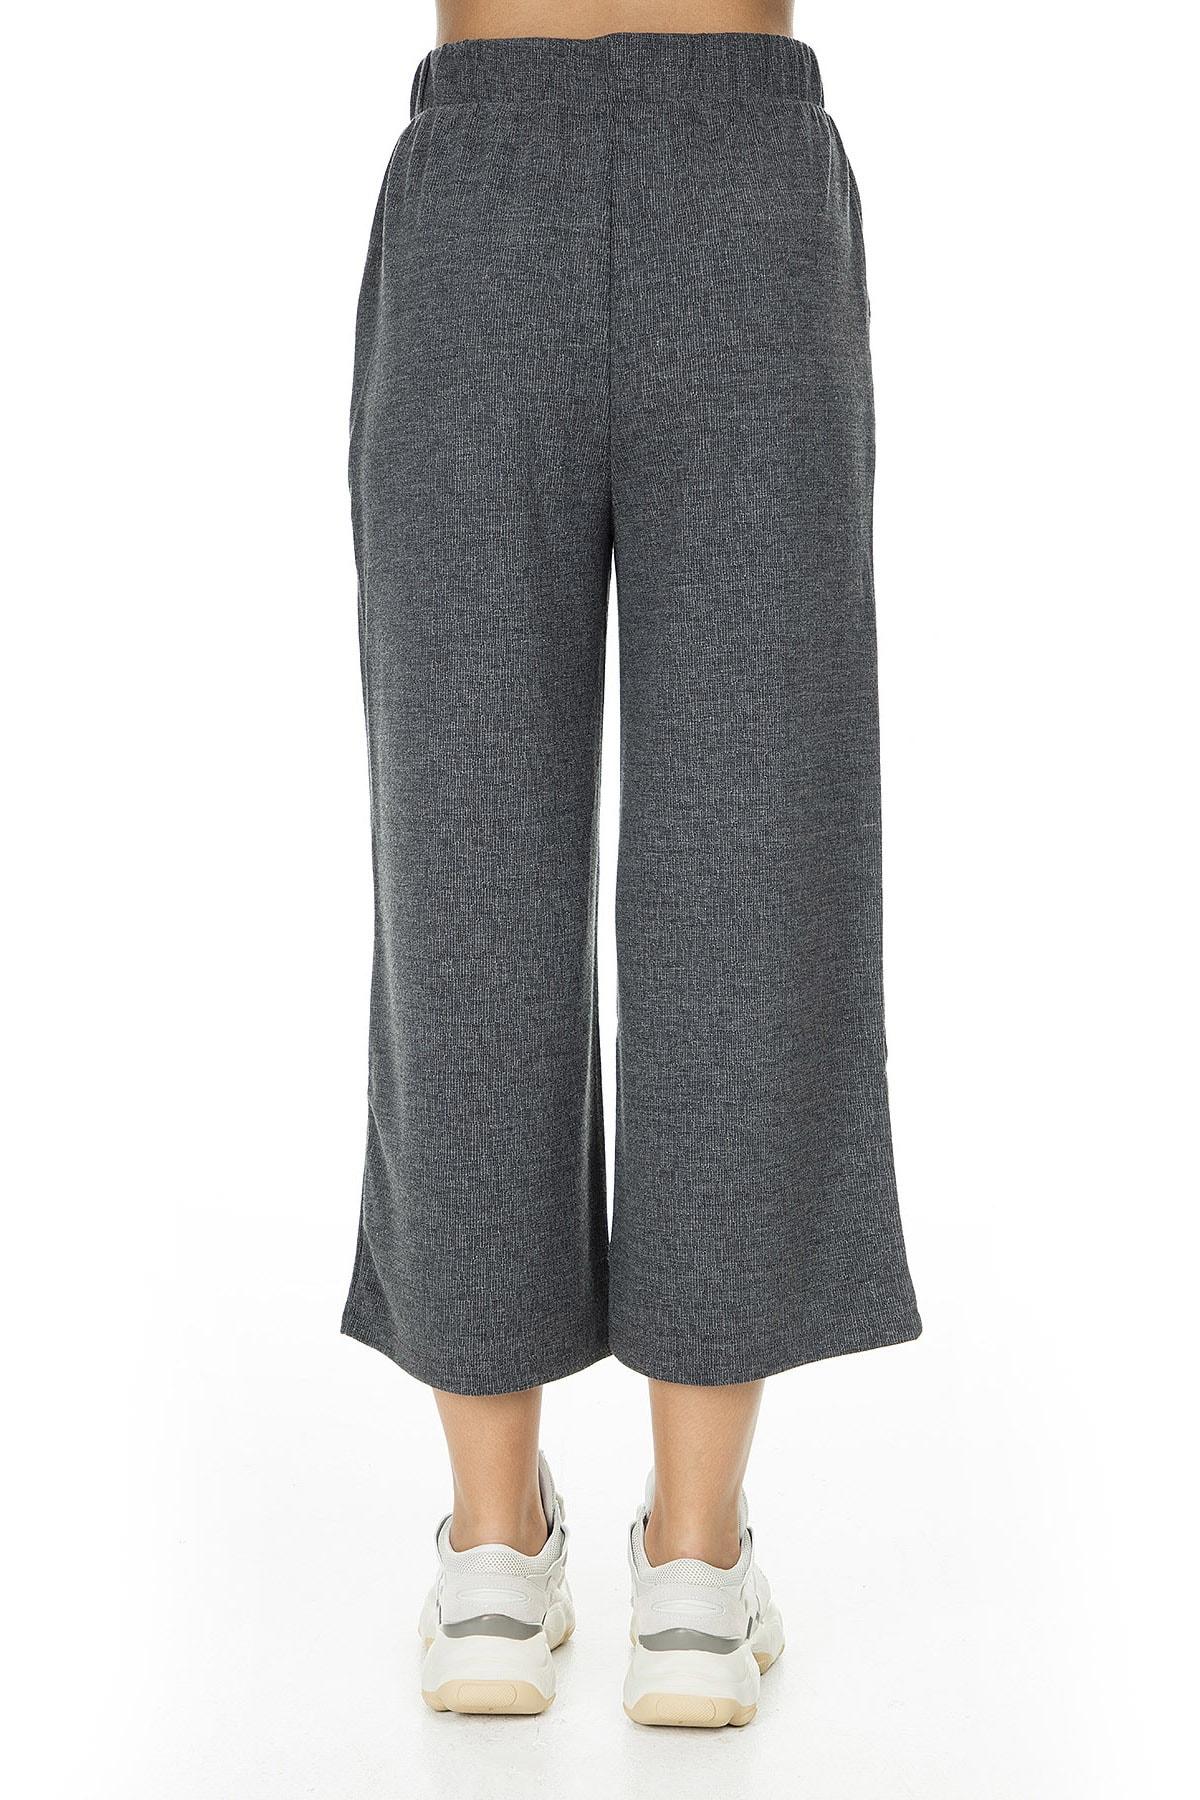 Vero Moda Kadın Mat Füme Örme Pantolon 10222549 VMFALLULAH 10222549 3